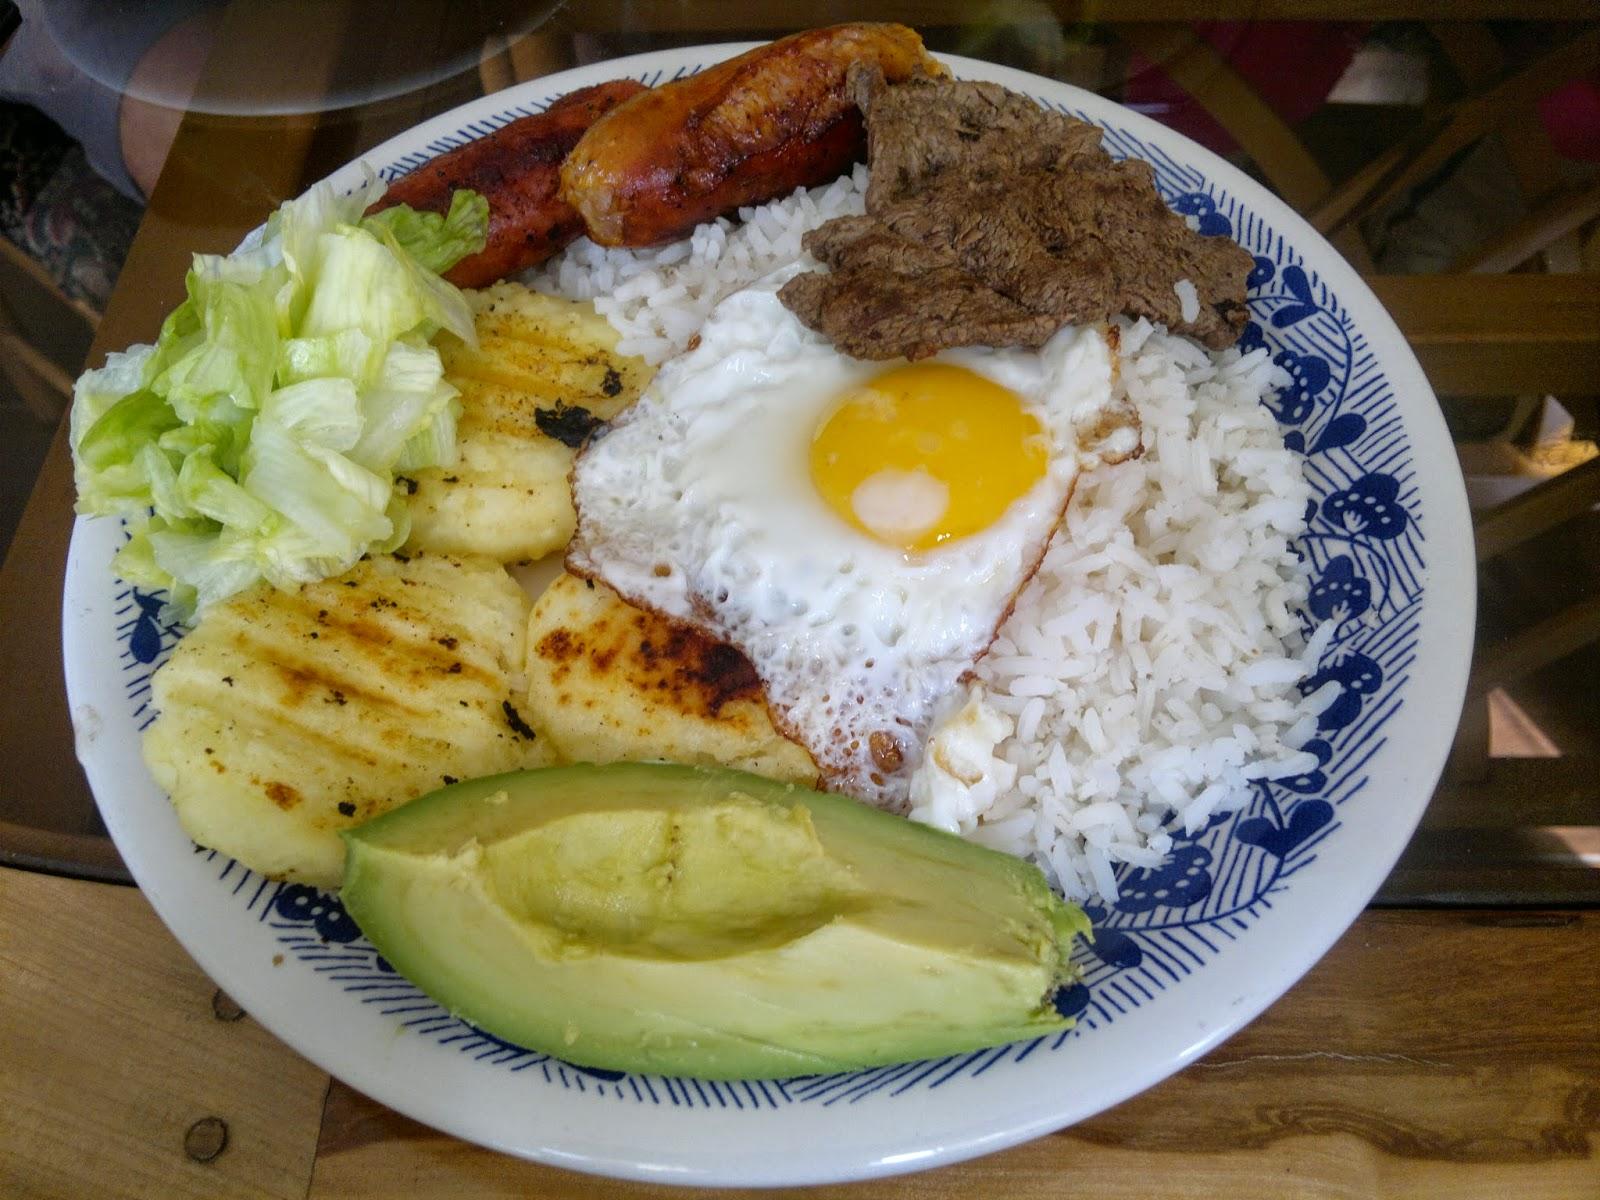 Recetas de cocina ecuatoriana mayo 2015 for Cocina 5 ingredientes jamie